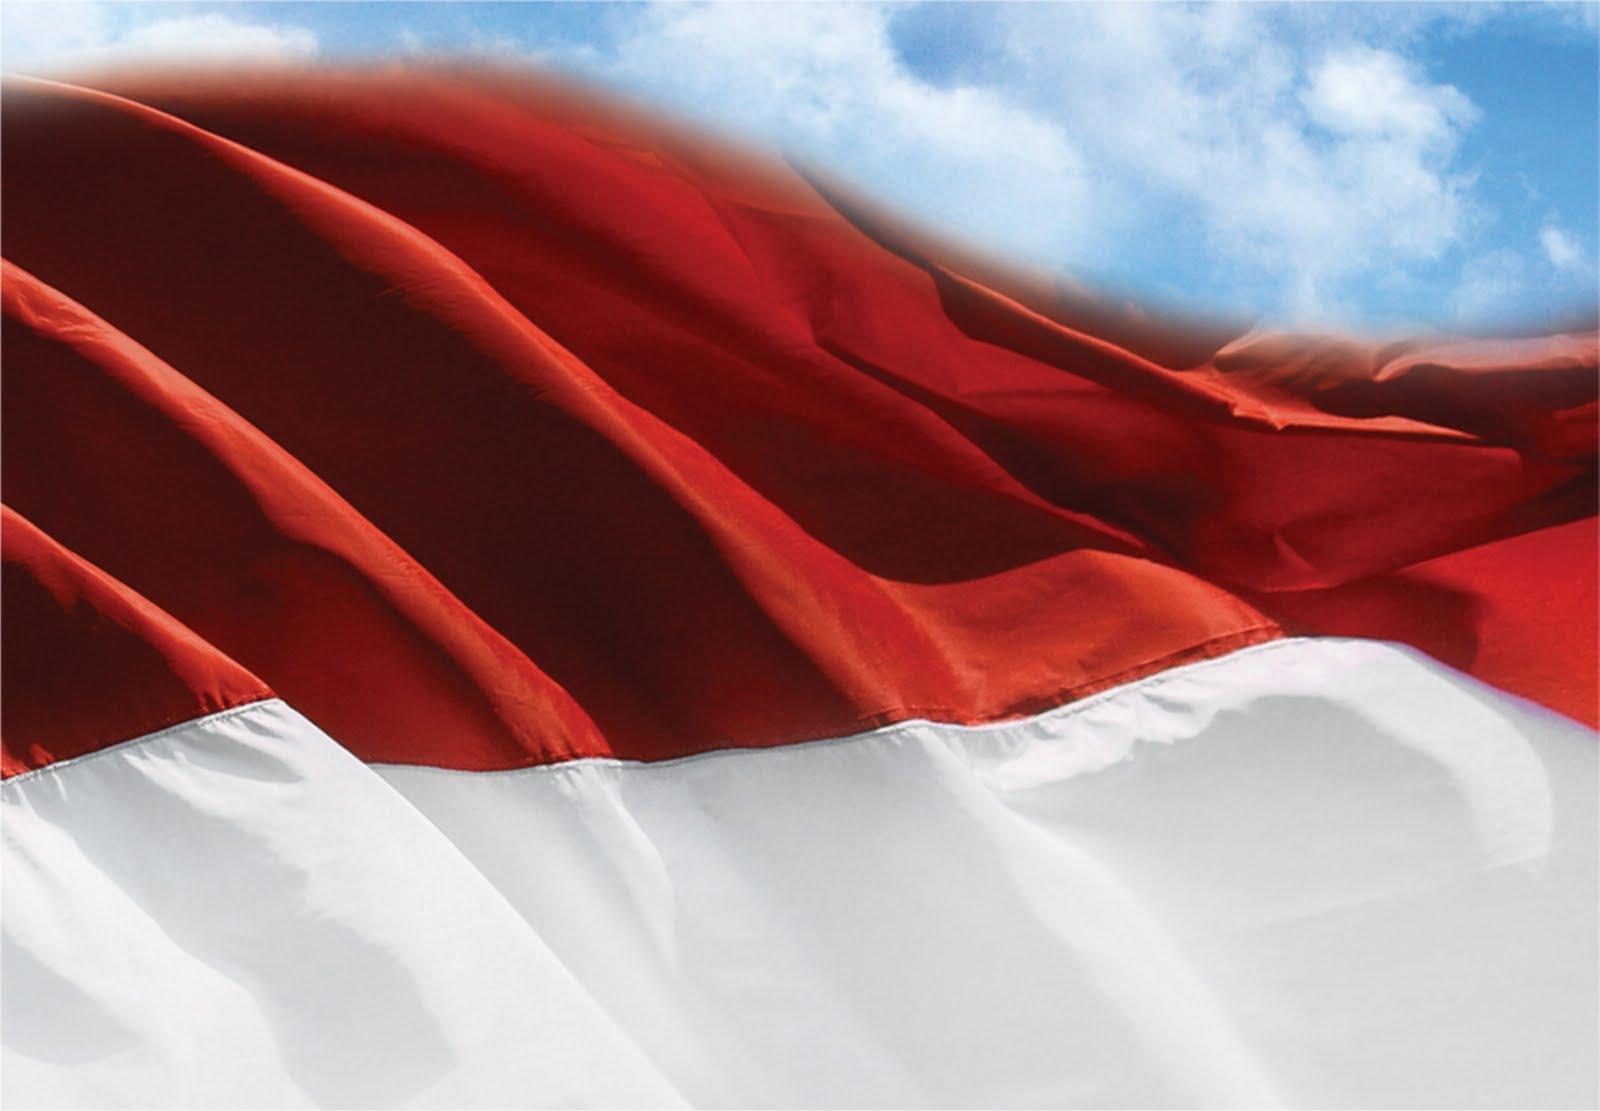 Biografi 7 Pemain Sepakbola Top Berdarah Indonesia